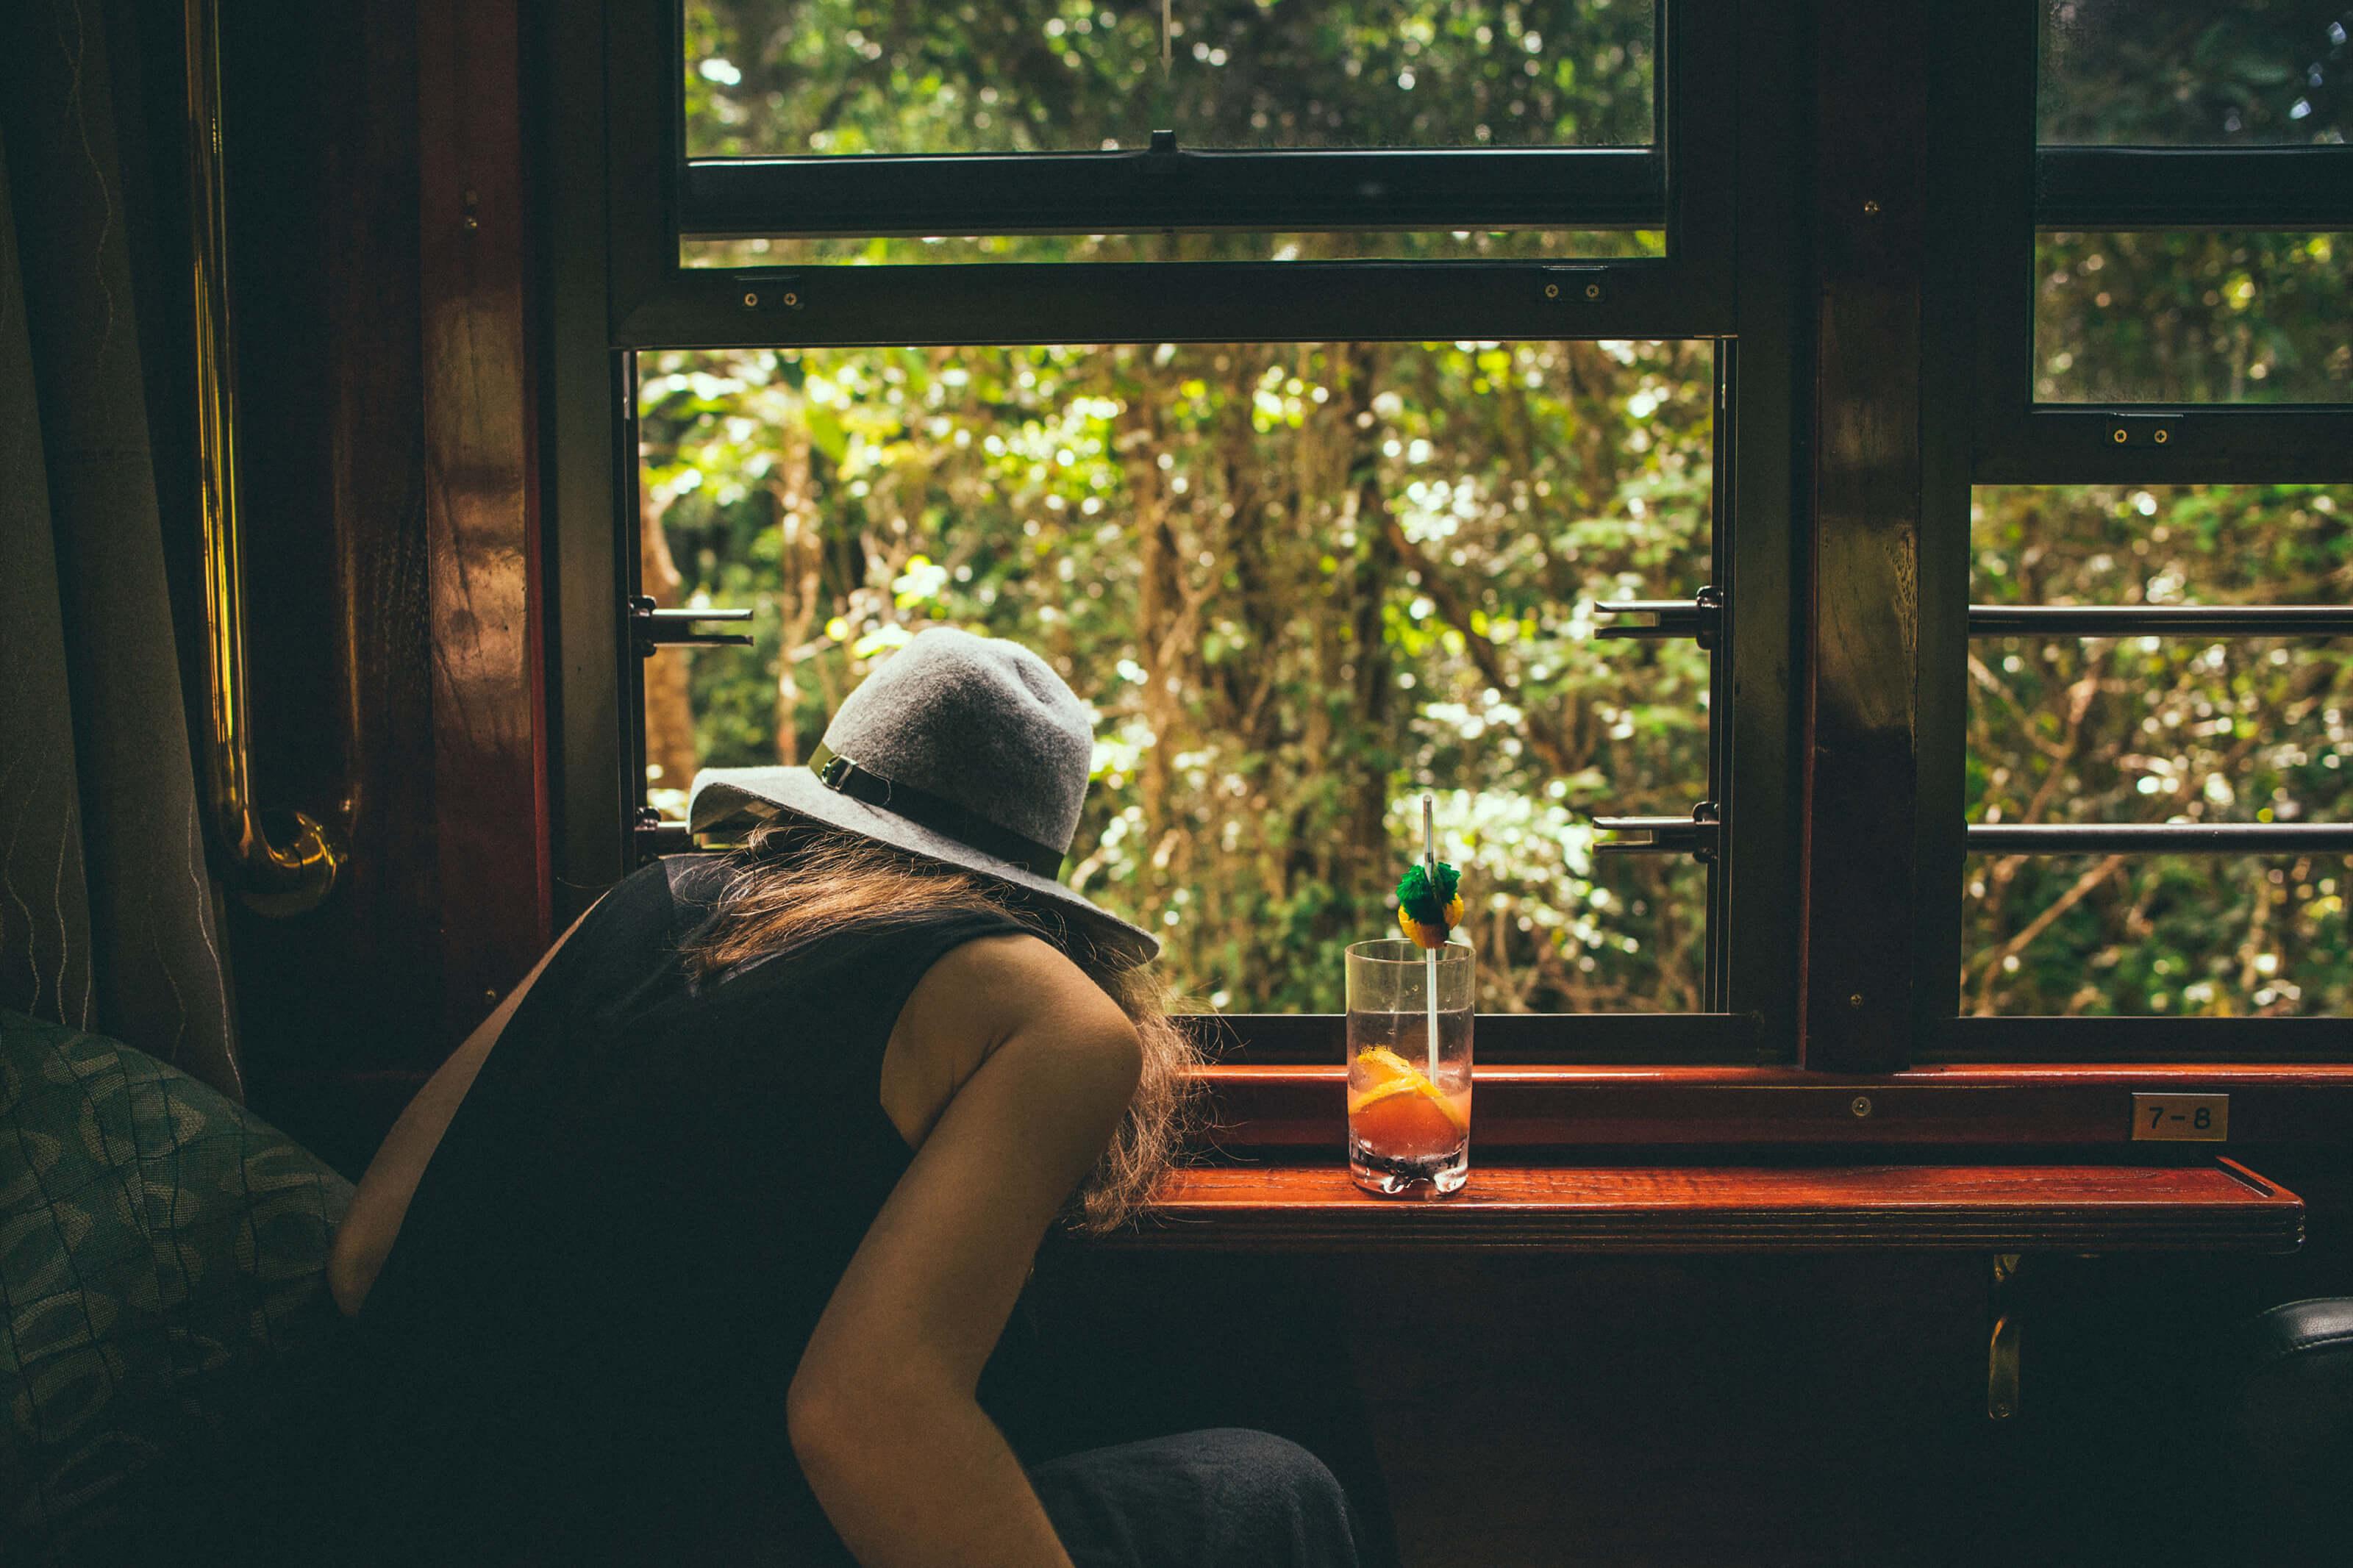 凱恩斯庫蘭達+雨林纜車+拜倫峽谷+手工市集+蝴蝶園+復古小火車一日遊(阿凡達電影潘多拉星球雨林原型包車)